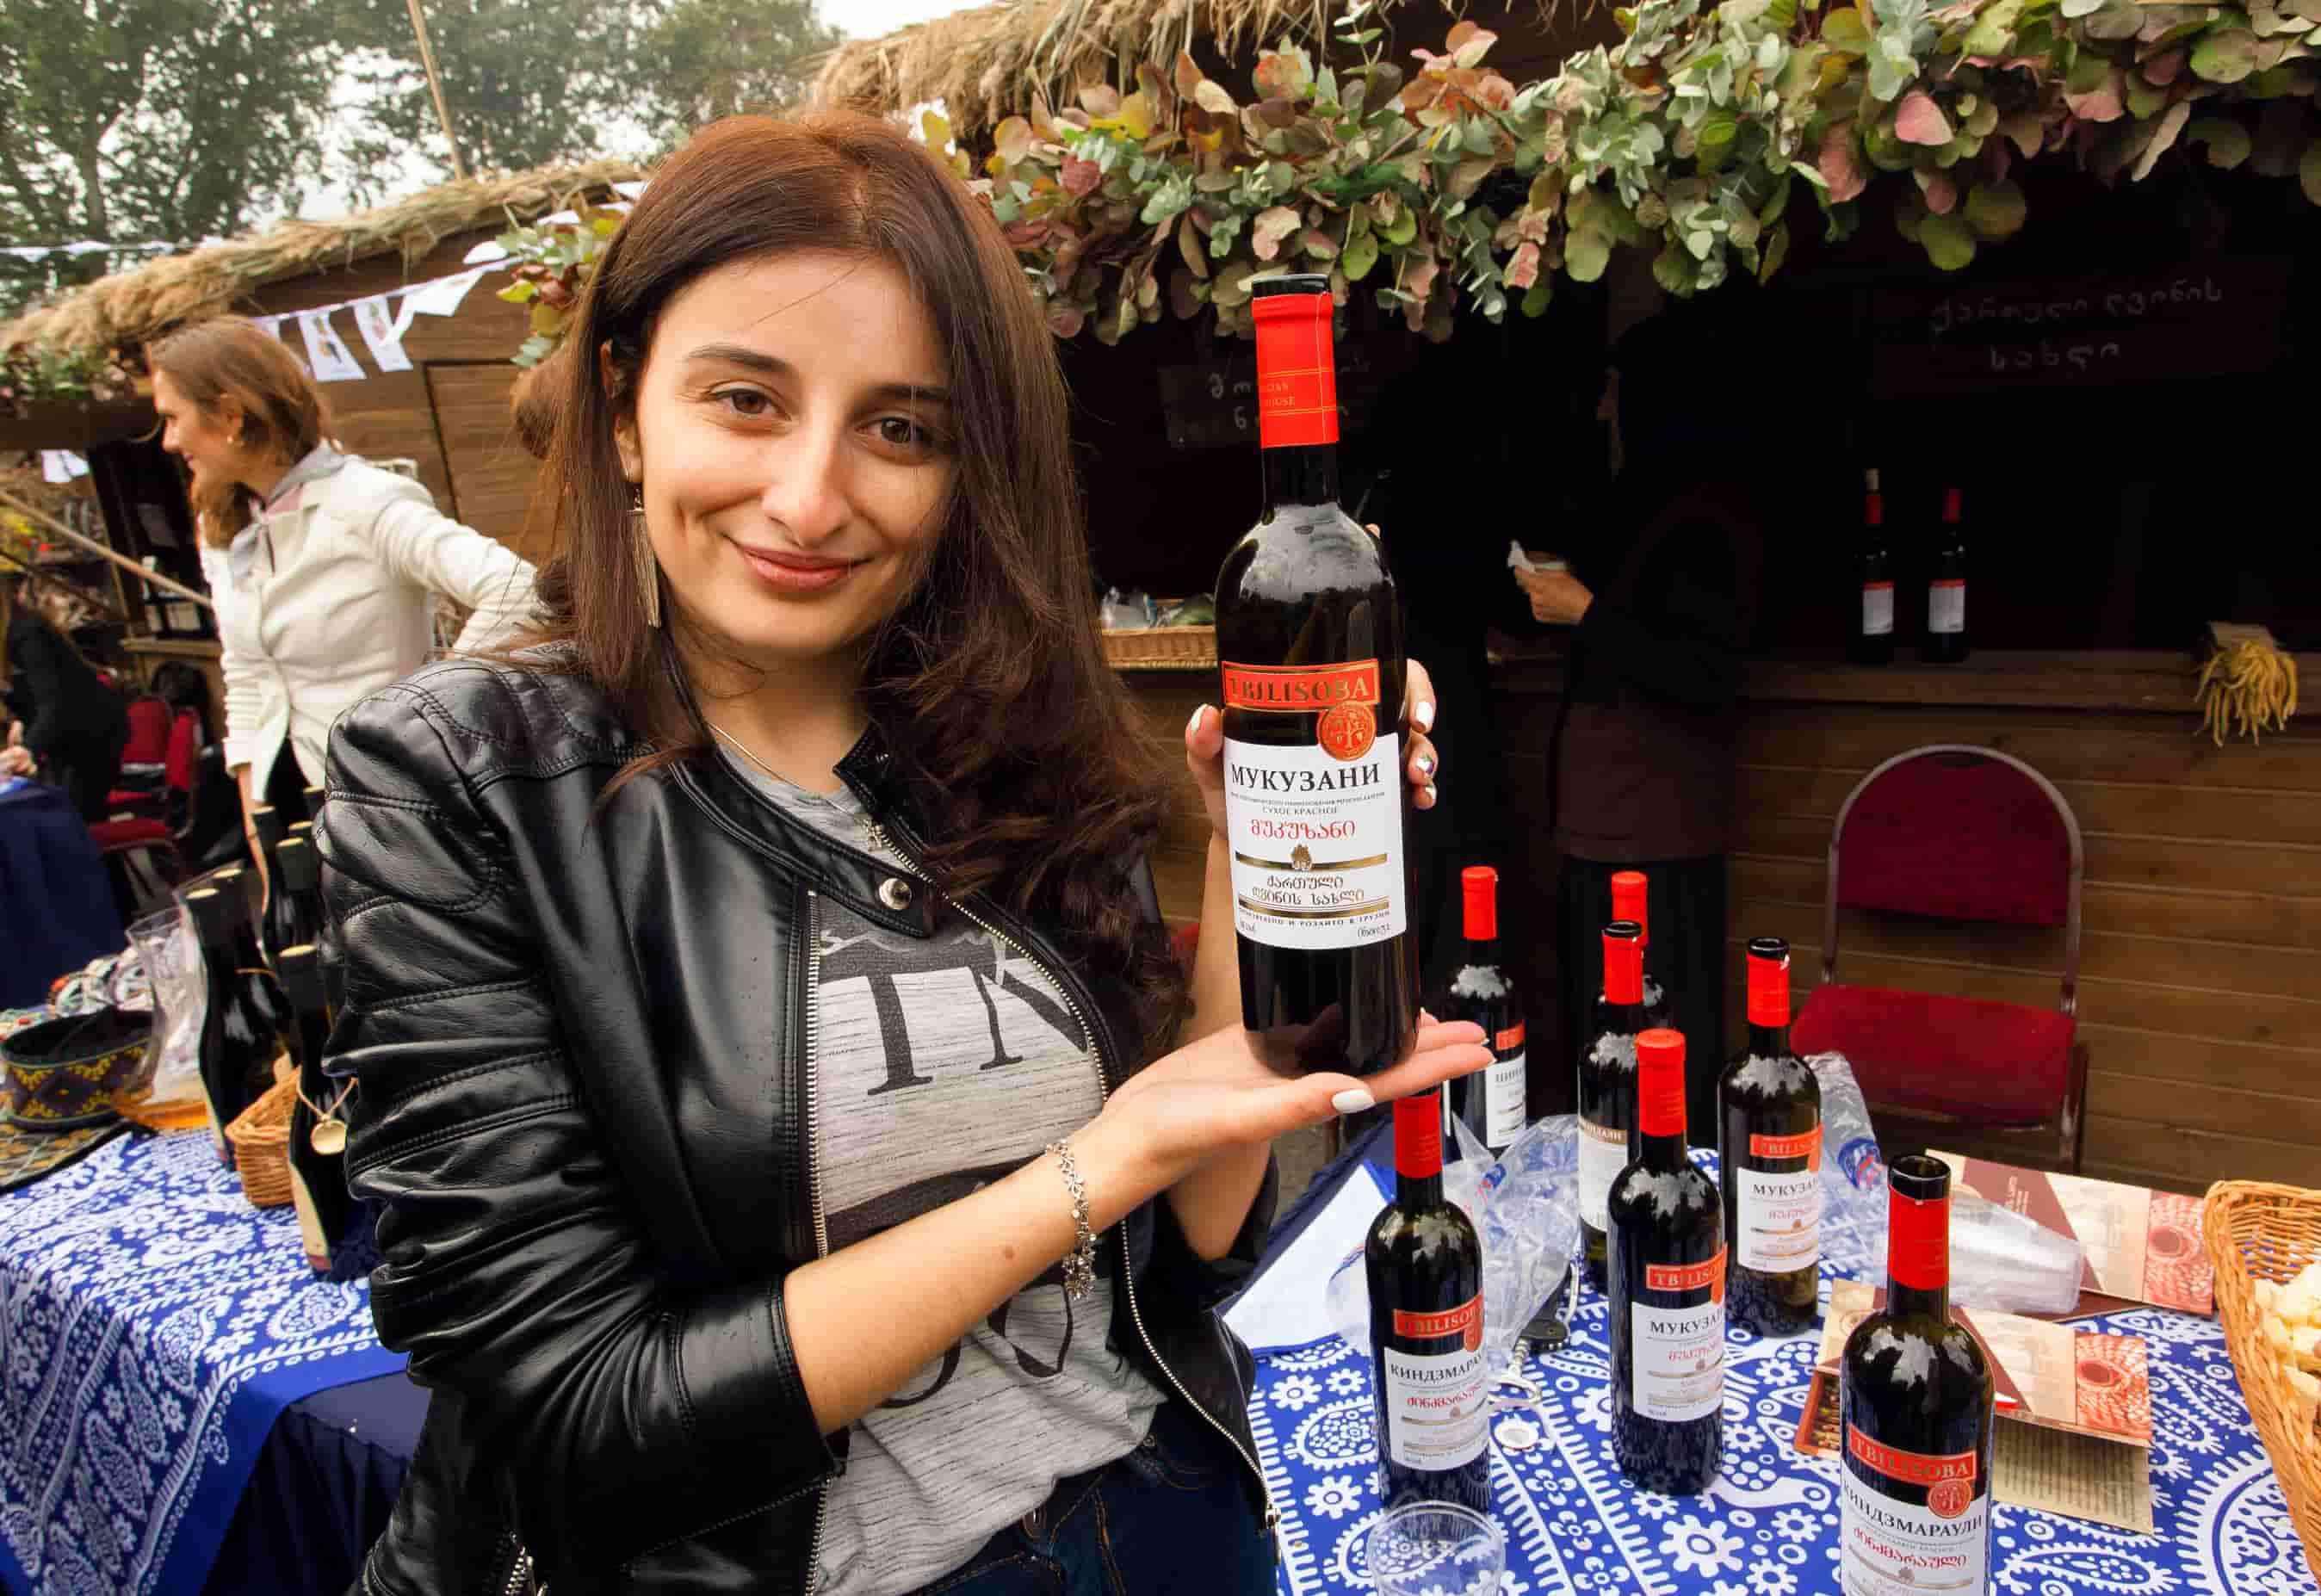 красное вино, мукузани, грузия